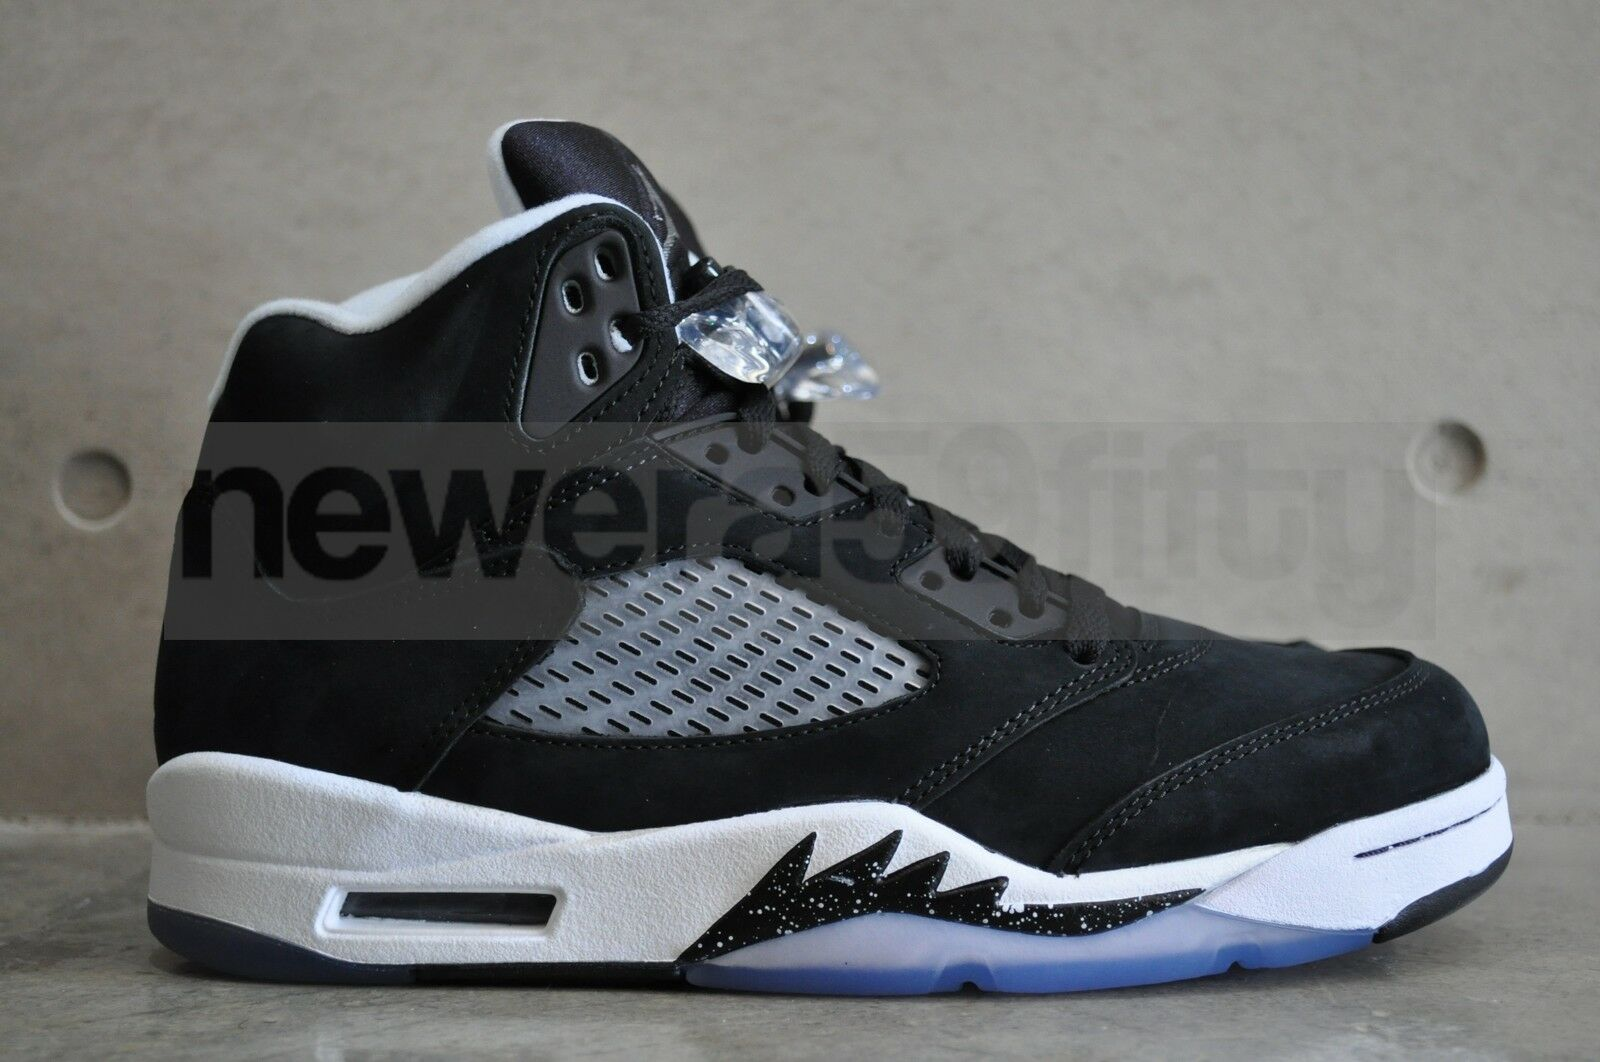 Nike Air Jordan Jordan Jordan 5 Retro Oreo - Noir Cool-Gris-Blanc f5d778